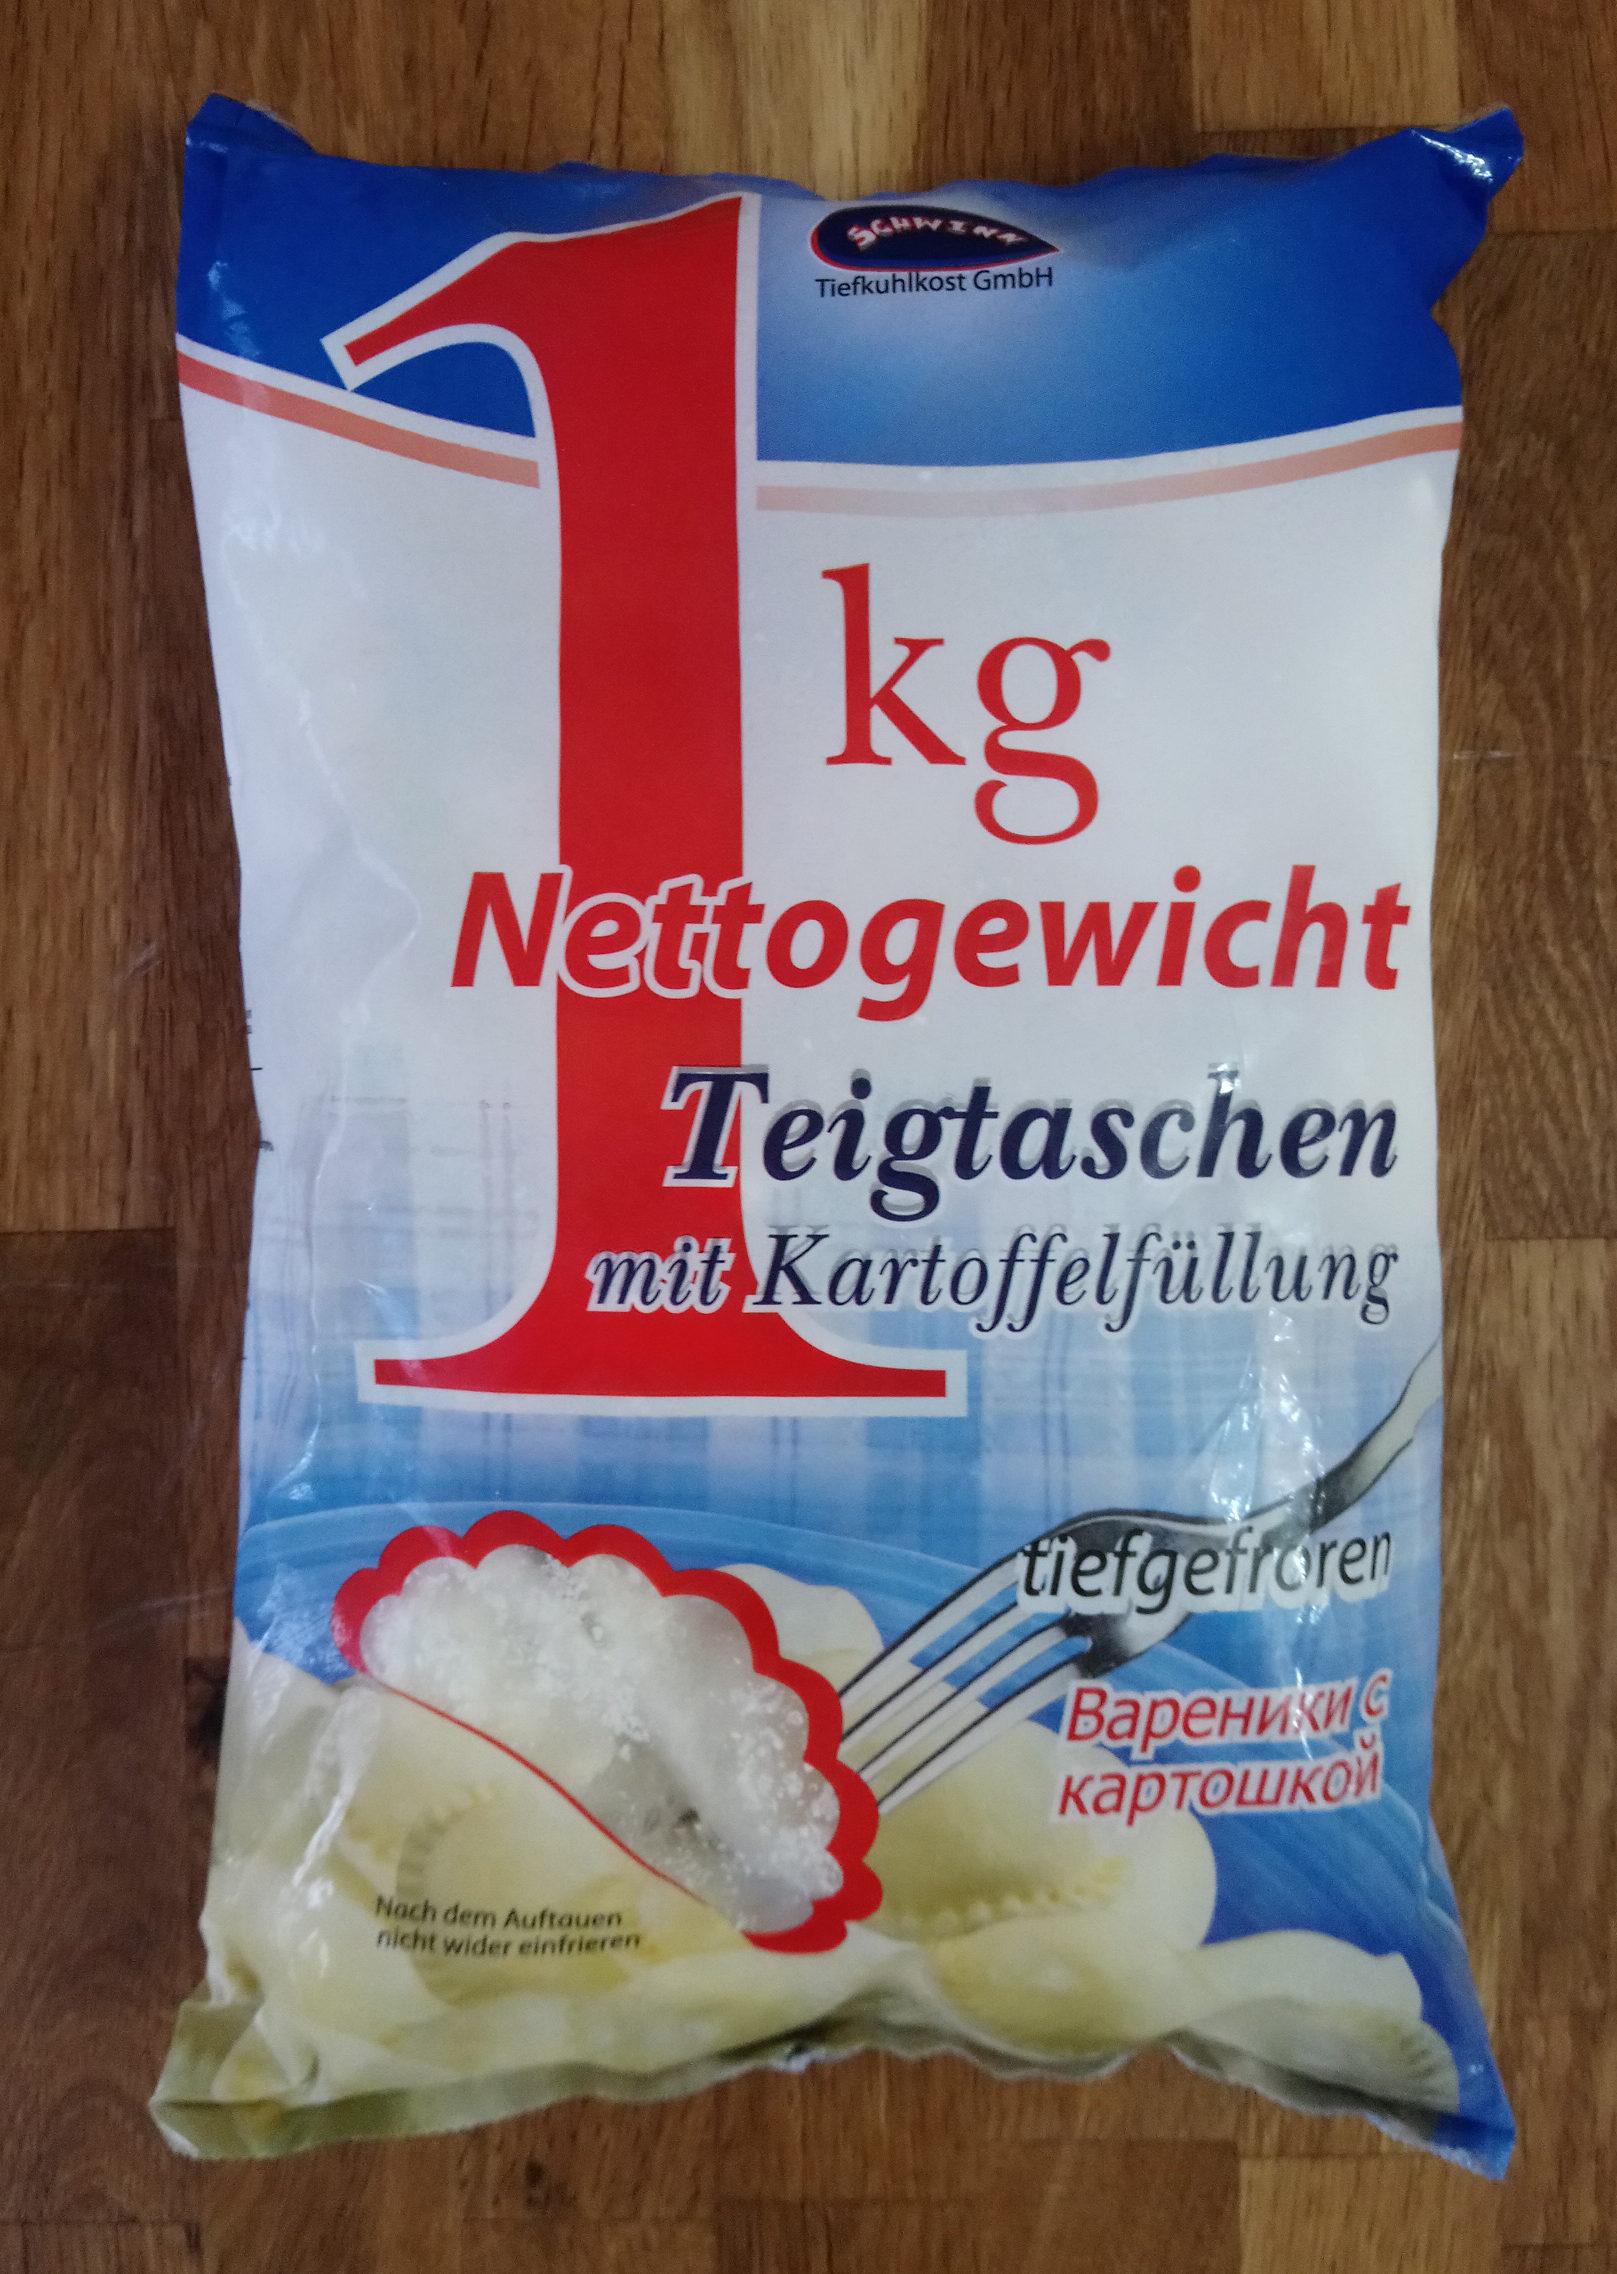 Teigtaschen mit Kartoffelfüllung - Produit - de